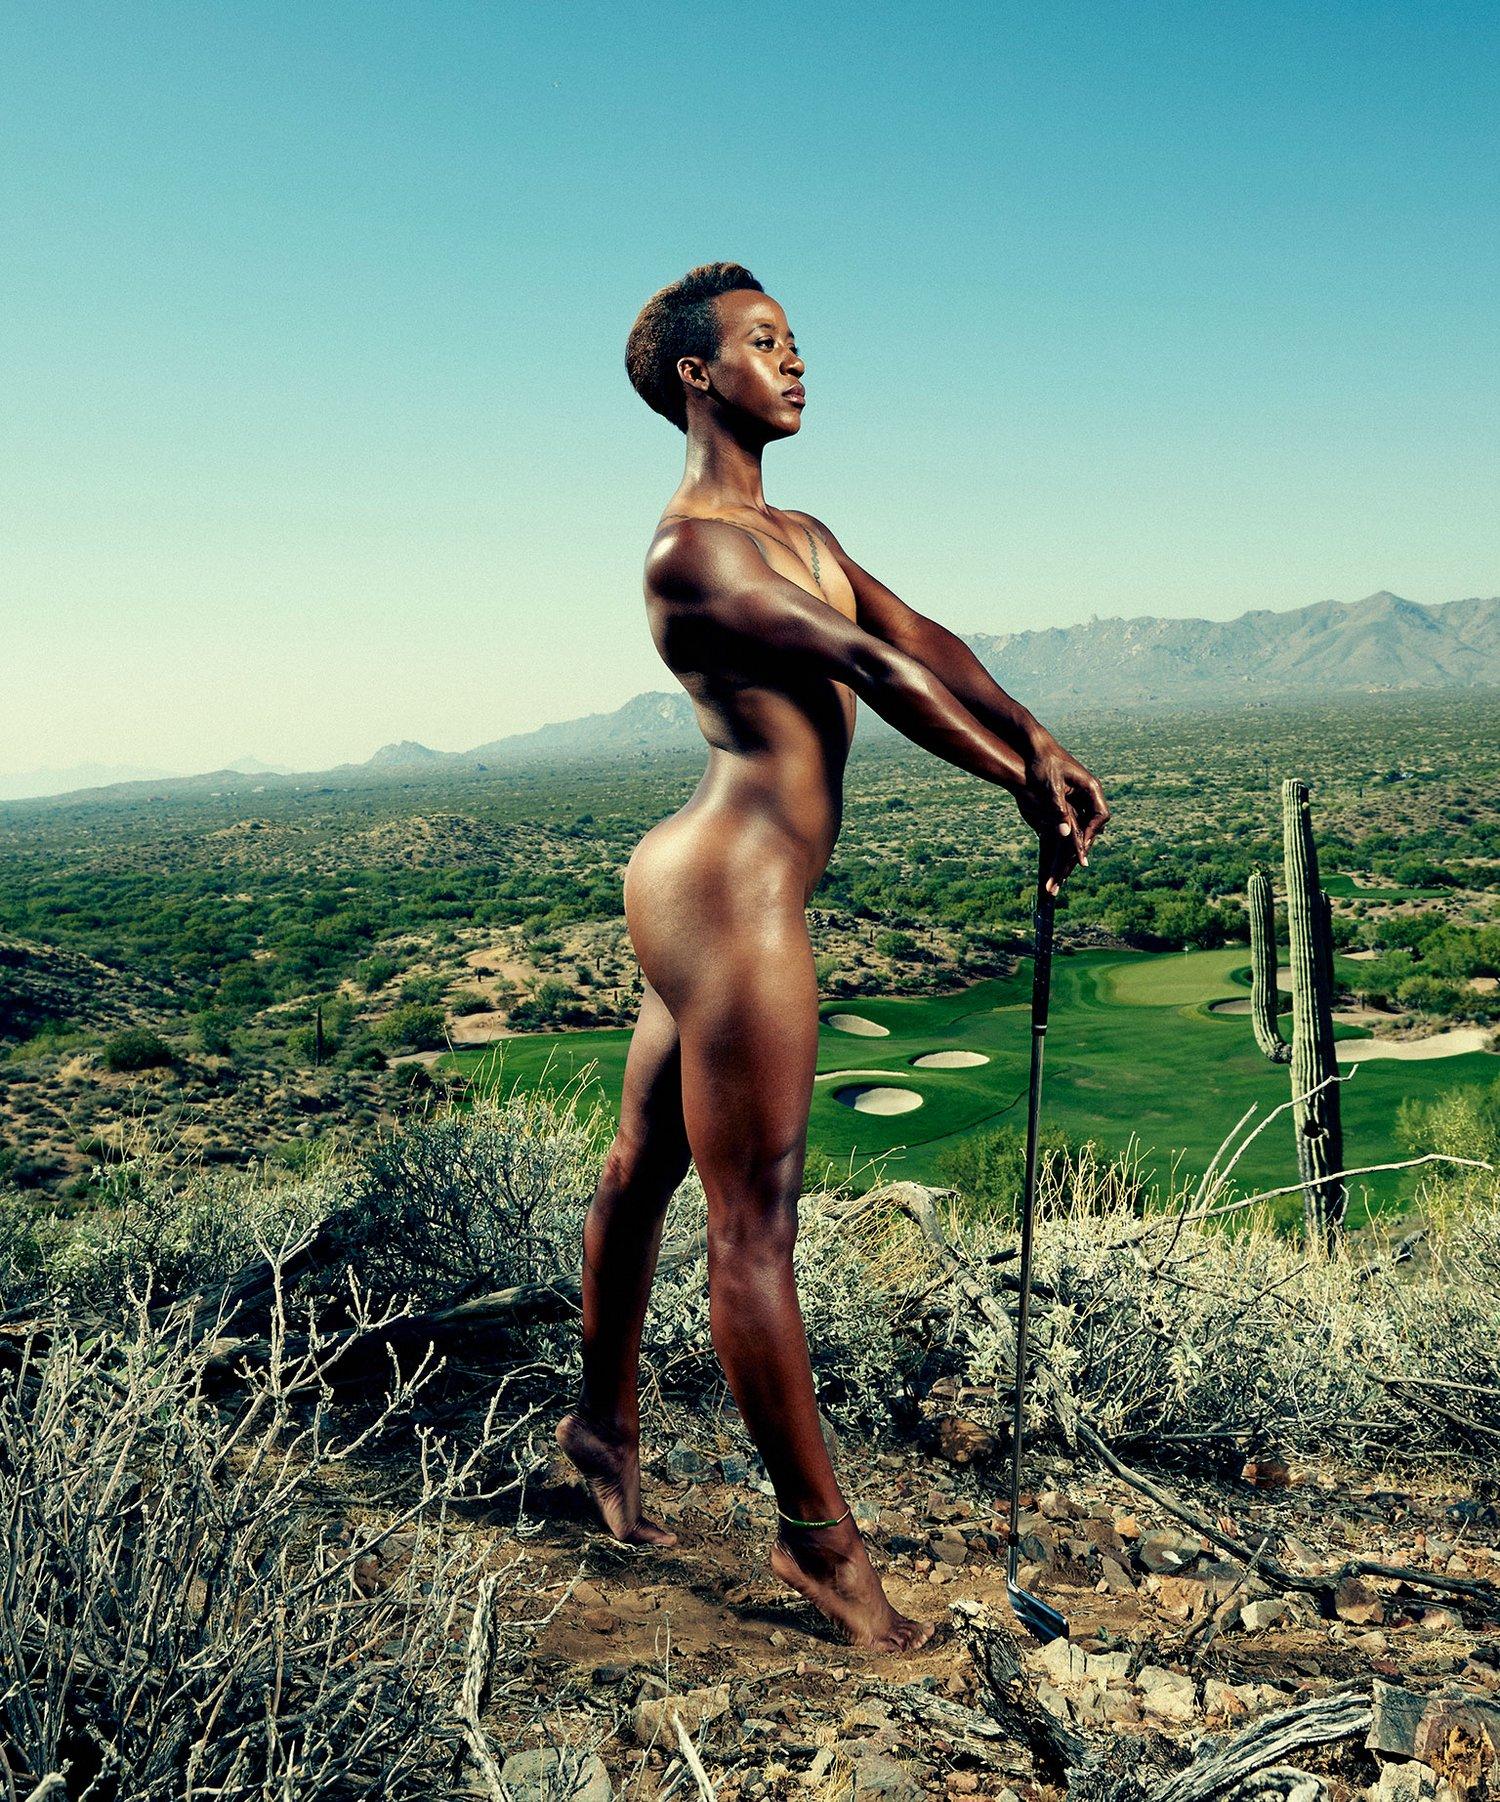 Фото атлеток голых 12 фотография